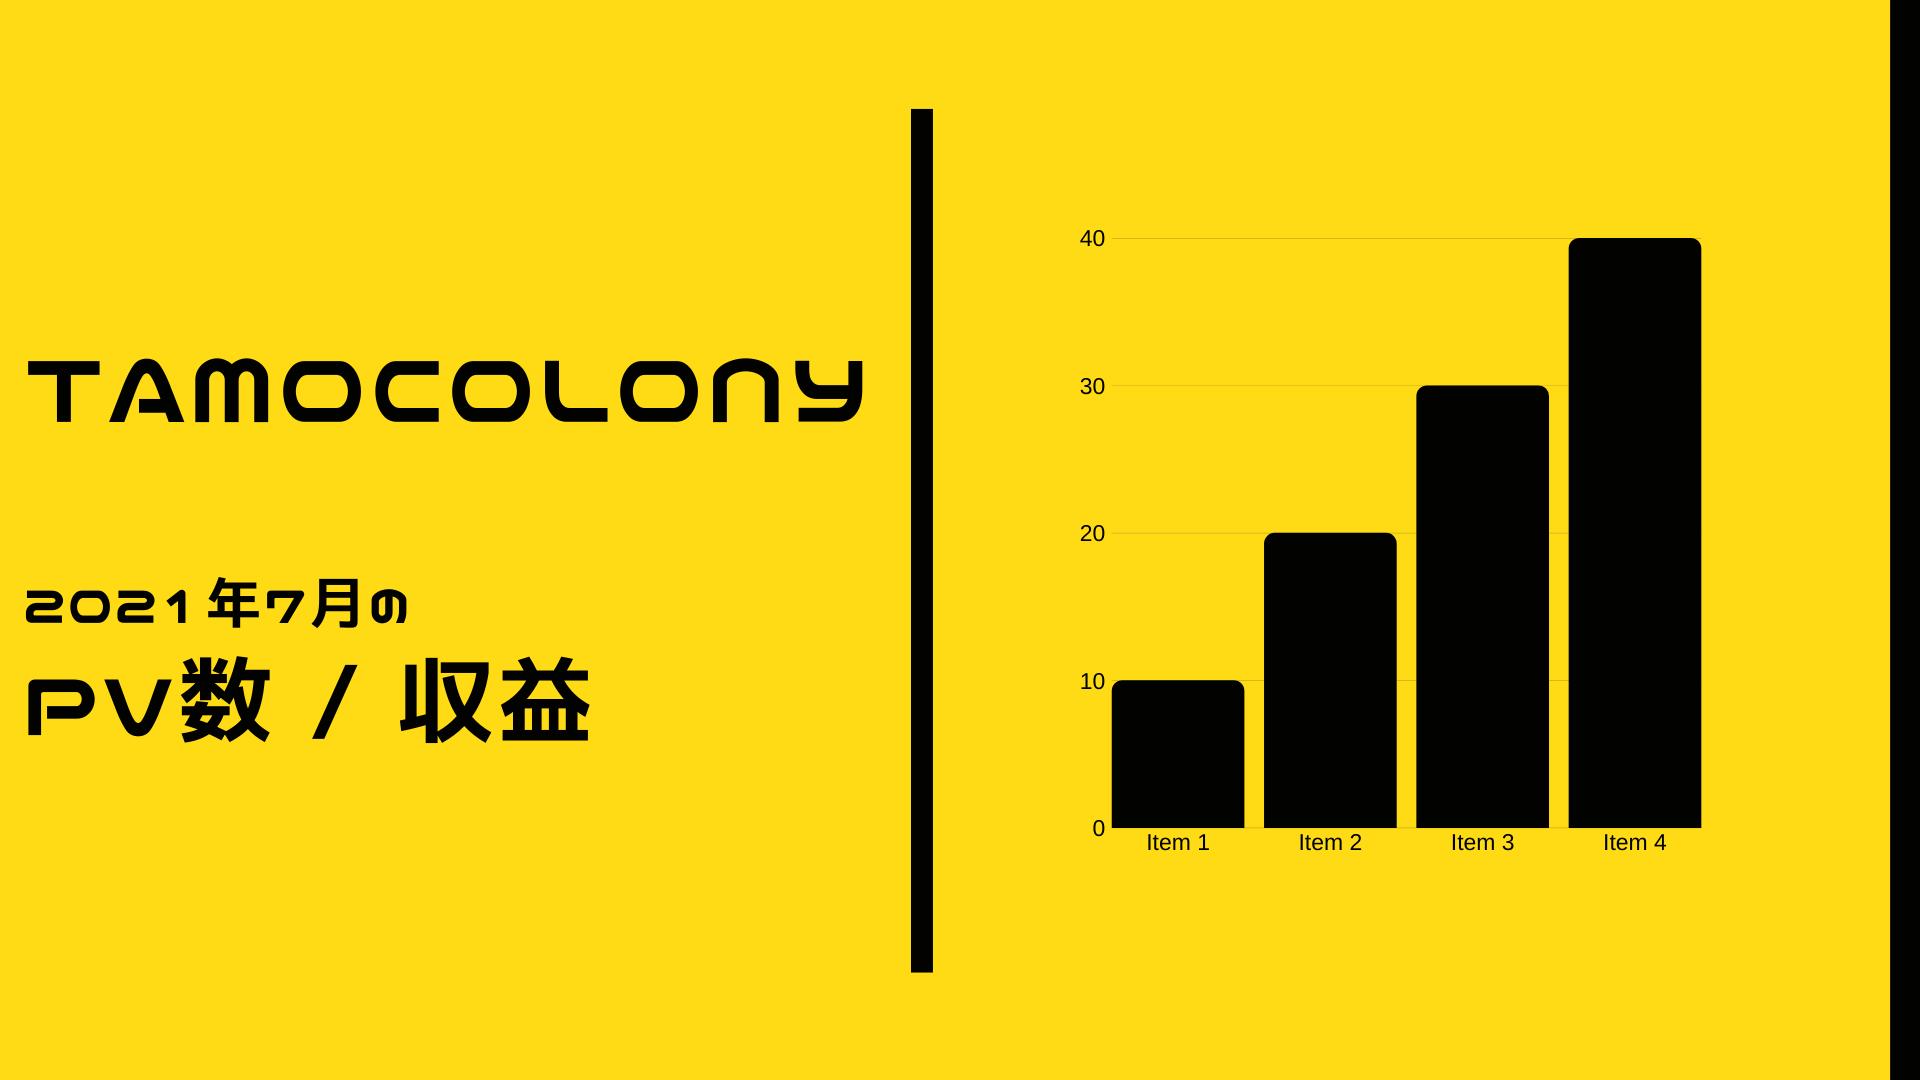 tamocolony-202108-3